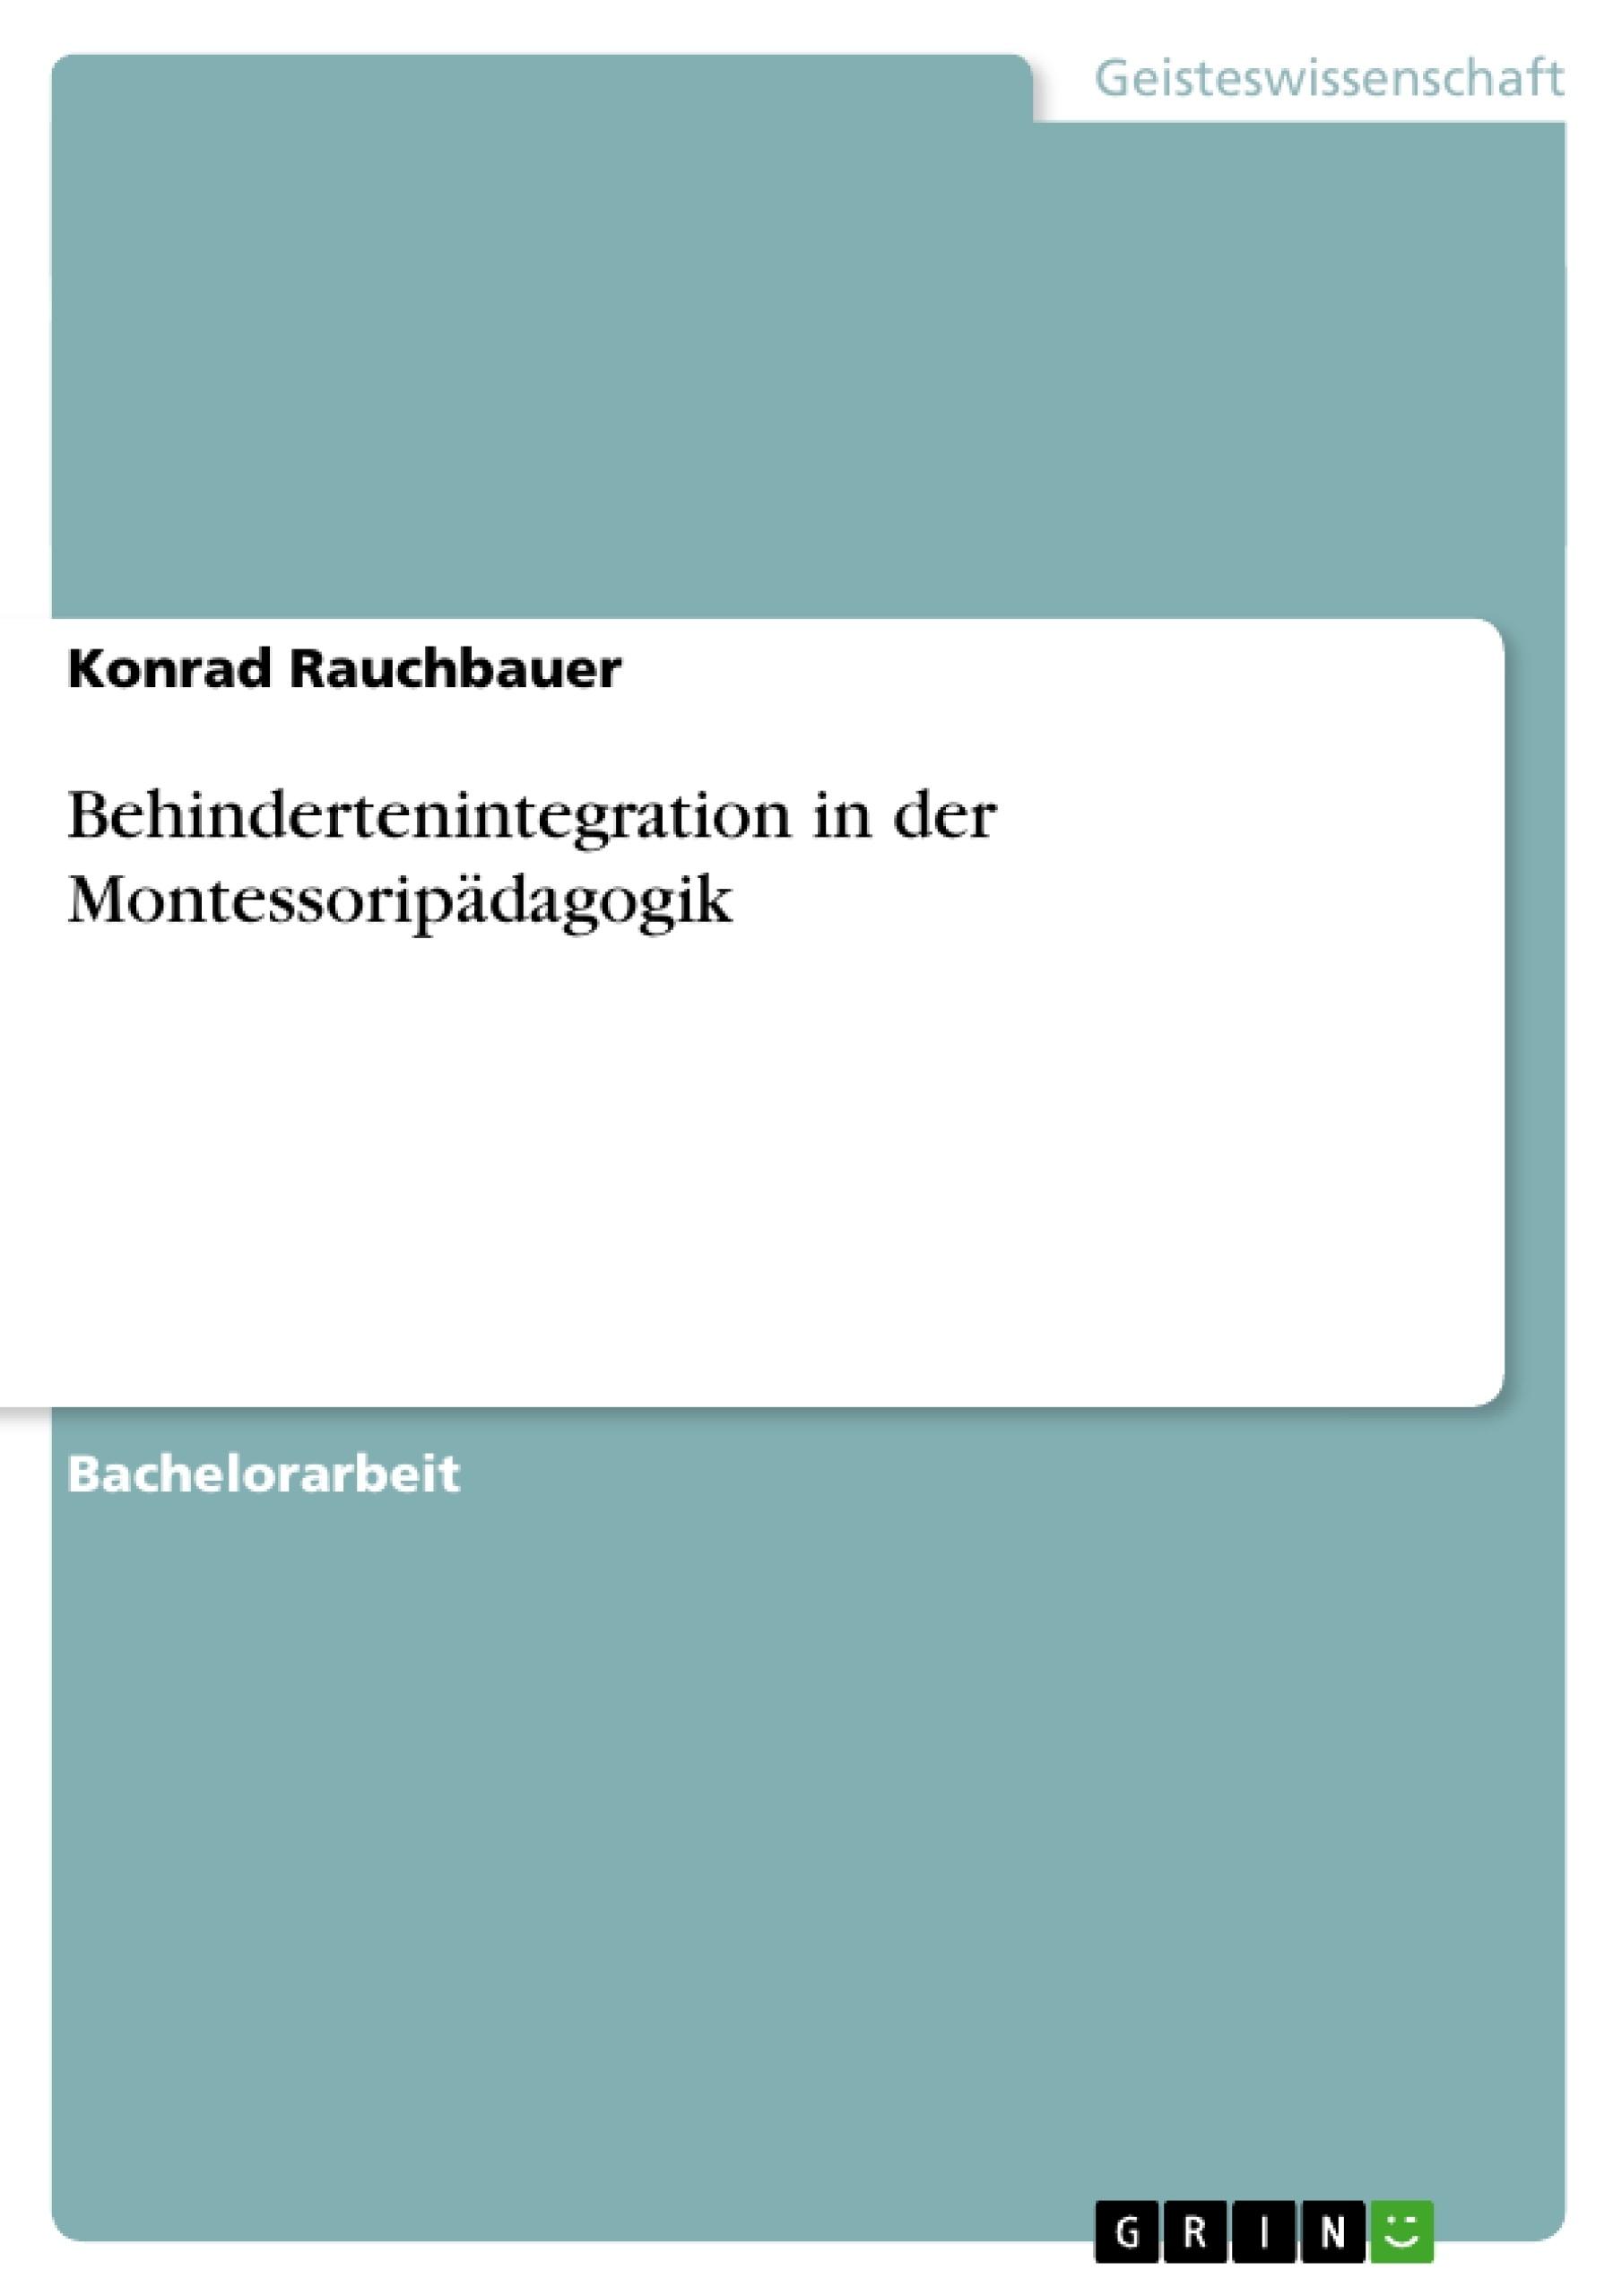 Titel: Behindertenintegration in der Montessoripädagogik